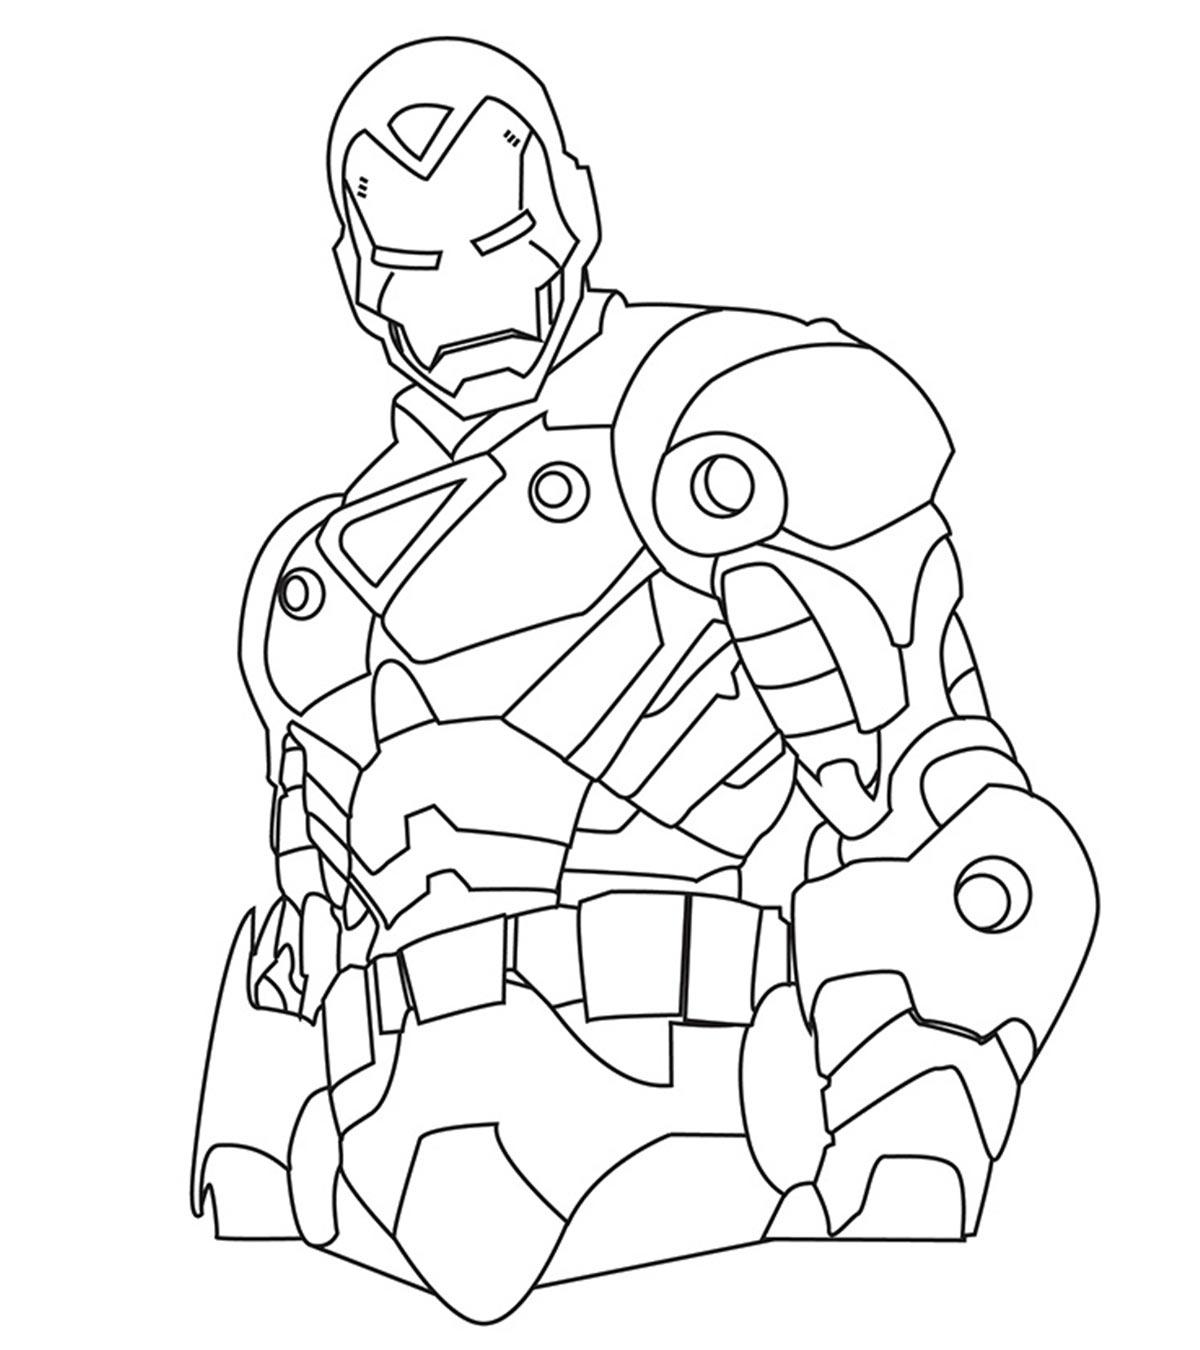 Tuyển tập các bức tranh tô màu Iron Man đẹp nhất dành cho bé